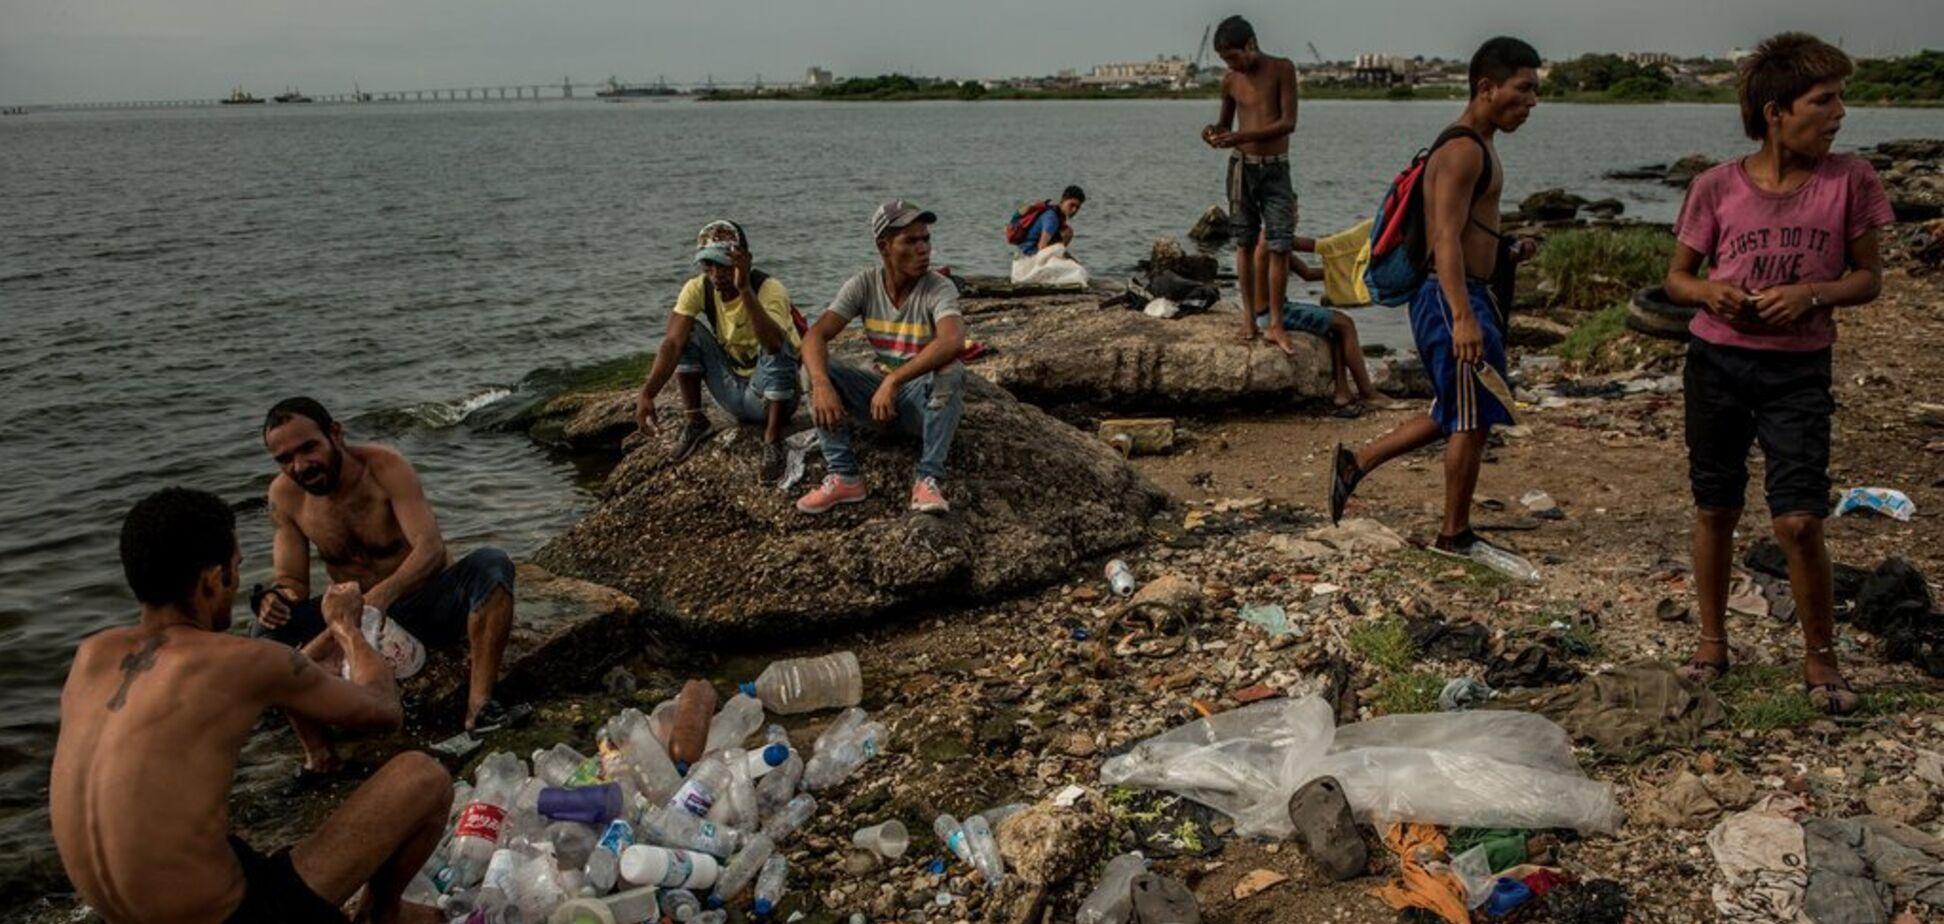 'Поставили страну на колени!' Экономисты объяснили крах Венесуэлы